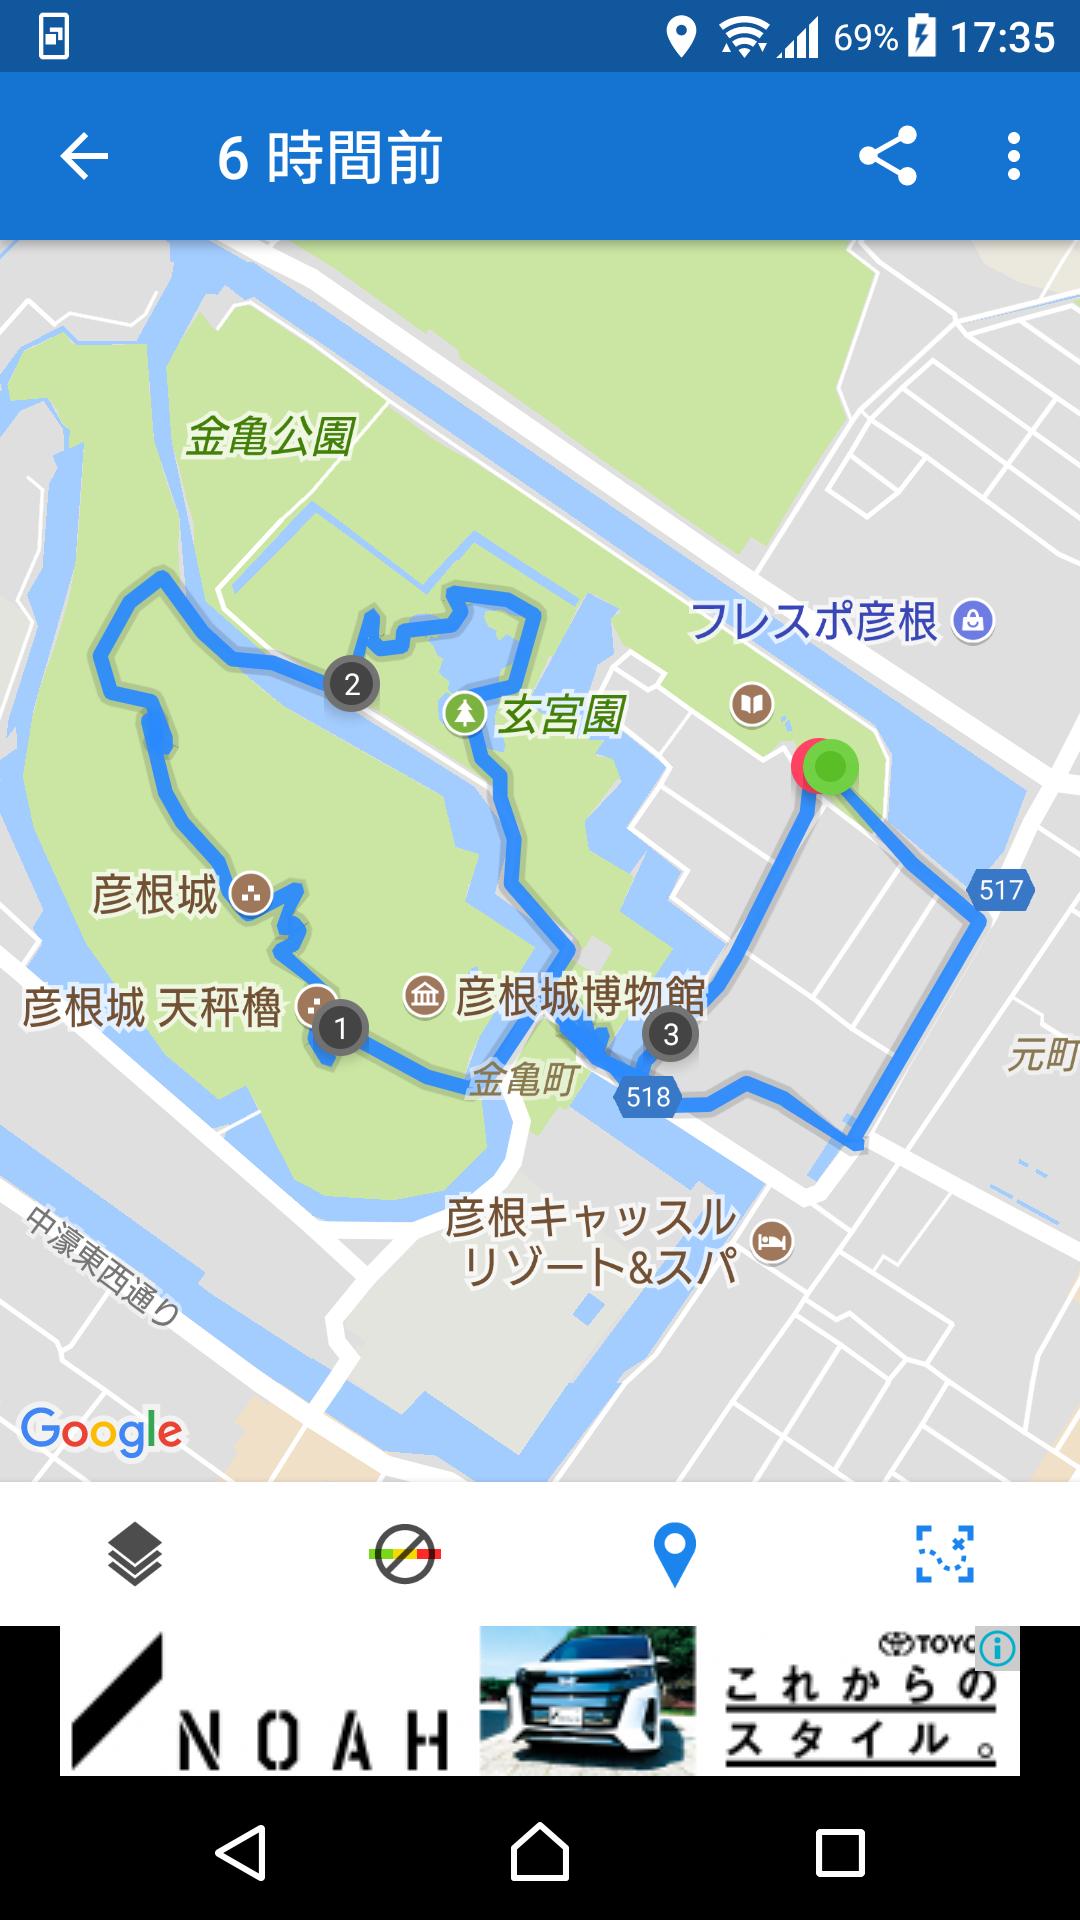 f:id:ynakayama27:20170726181449p:plain